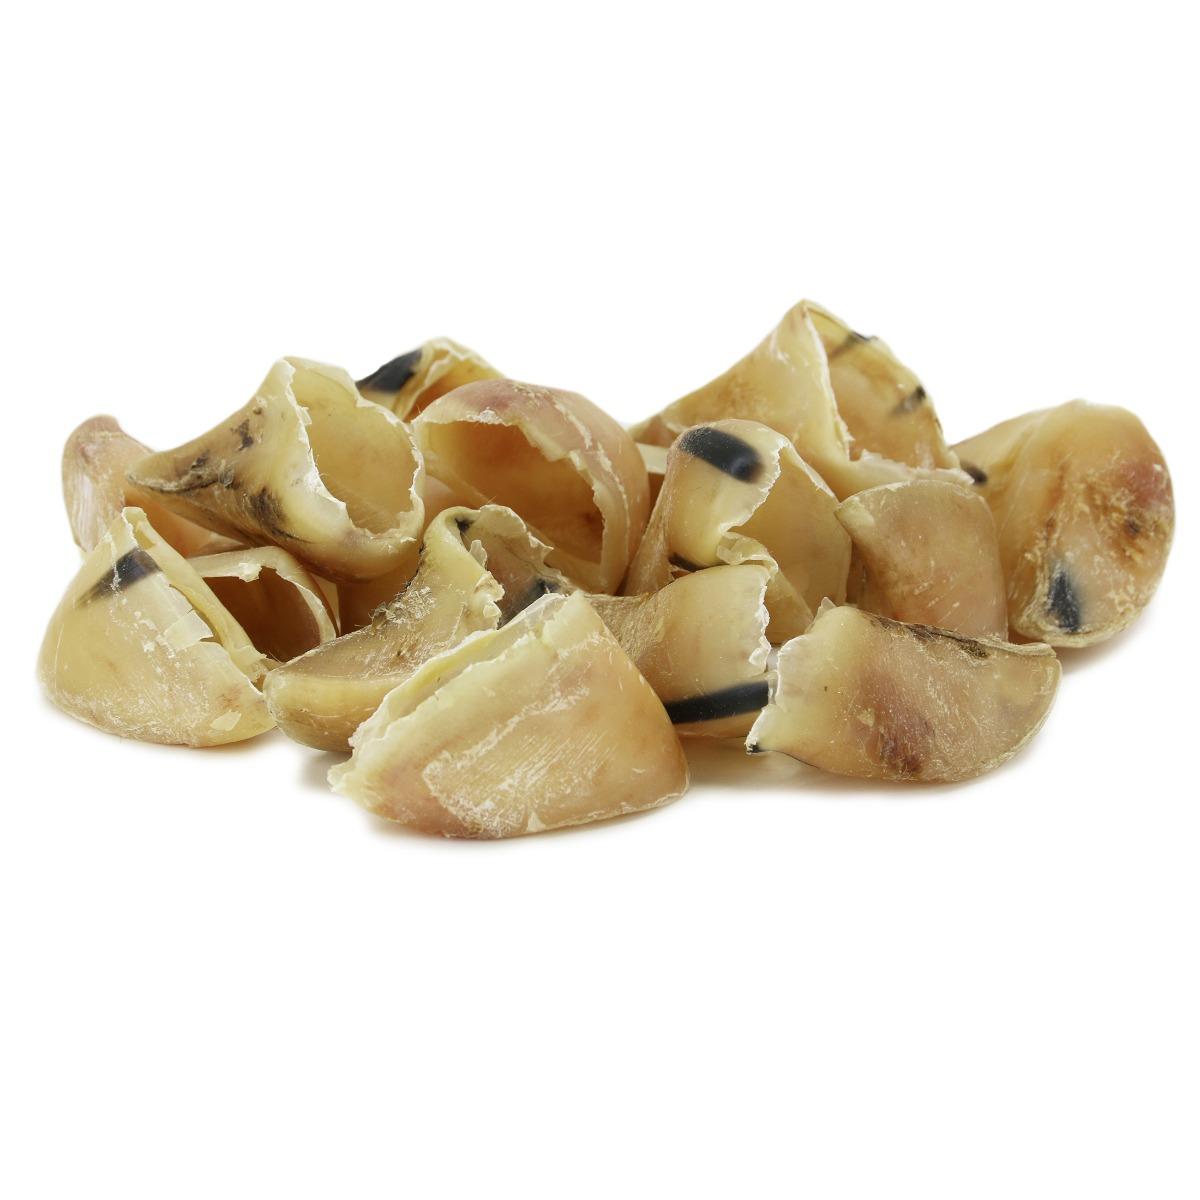 100% puur rund! geen toevoegingen goed voor tanden en tandvlees welkome tractatie voor tussendoor.  Let op: Hoefjes kunnen erg scherp zijn! Blijf even bij je hond om te kijken of de hond gaat schrokken.